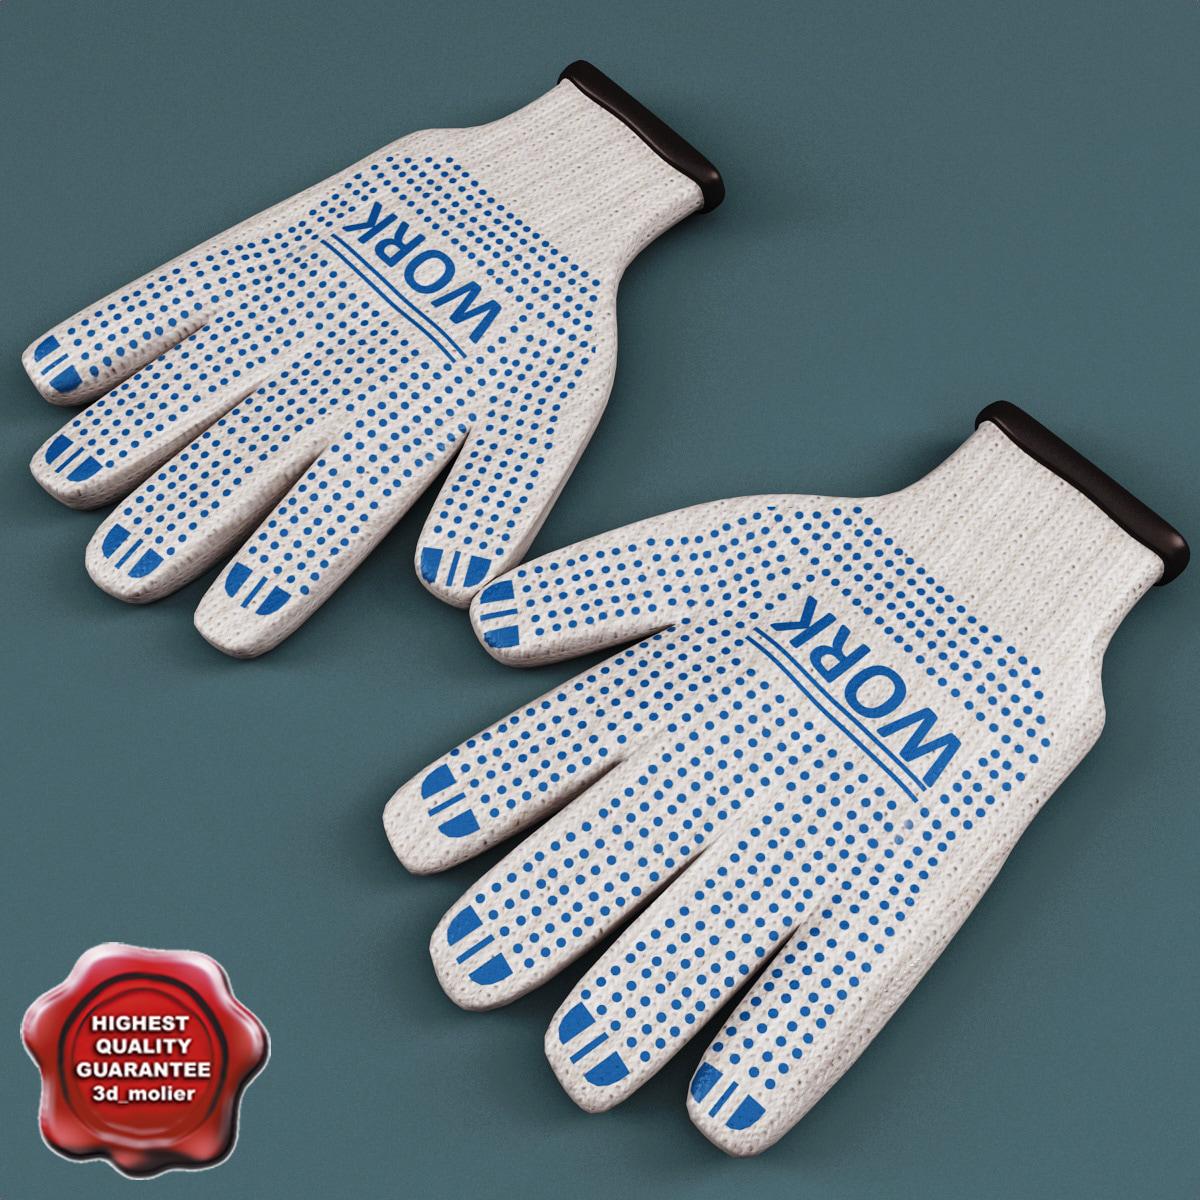 Cotton_Work_Gloves_0.jpg